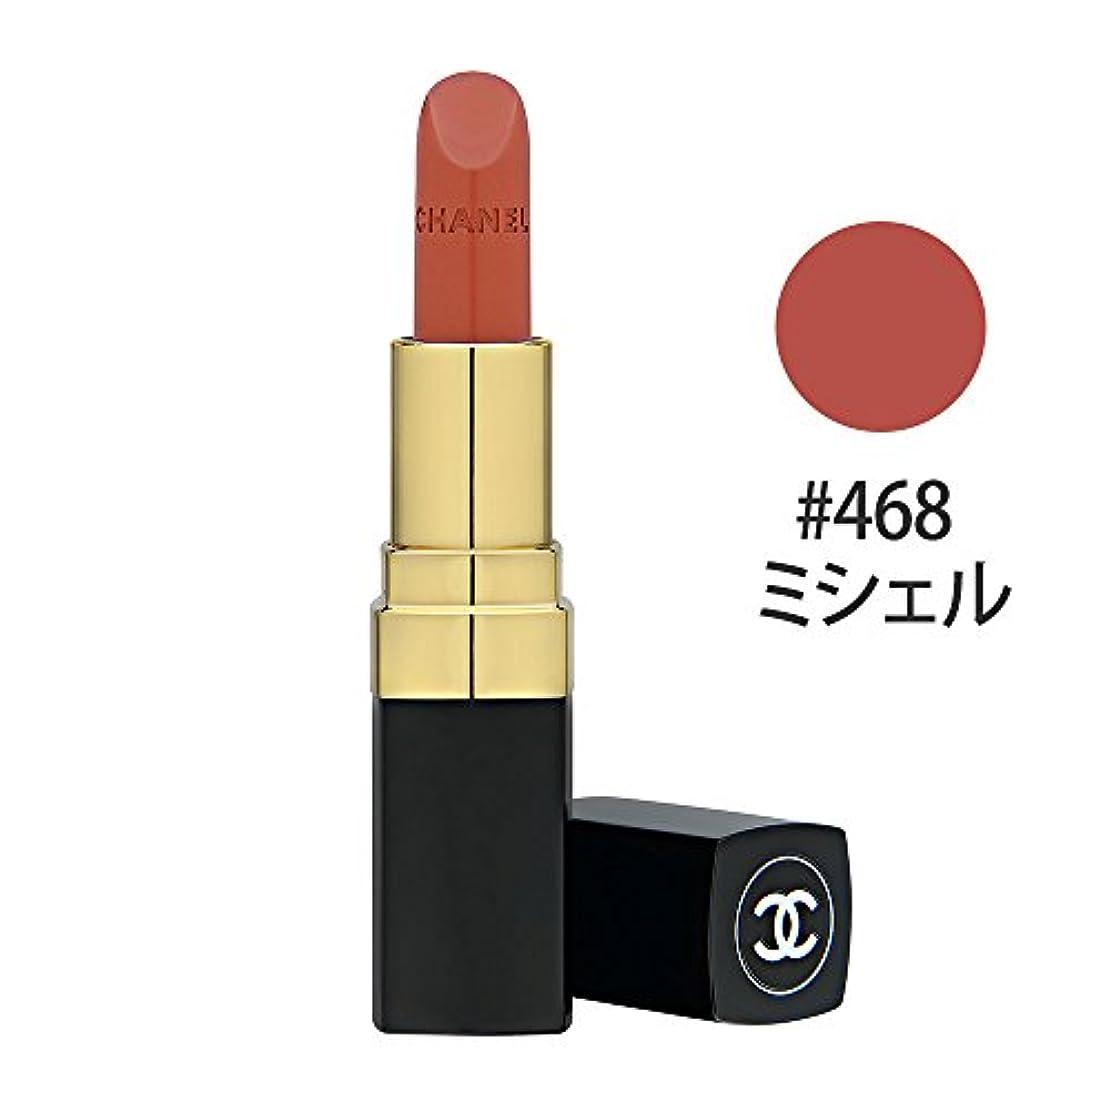 間欠起訴するディンカルビル【シャネル】ルージュ ココ #468 ミシェル 3.5g [並行輸入品]